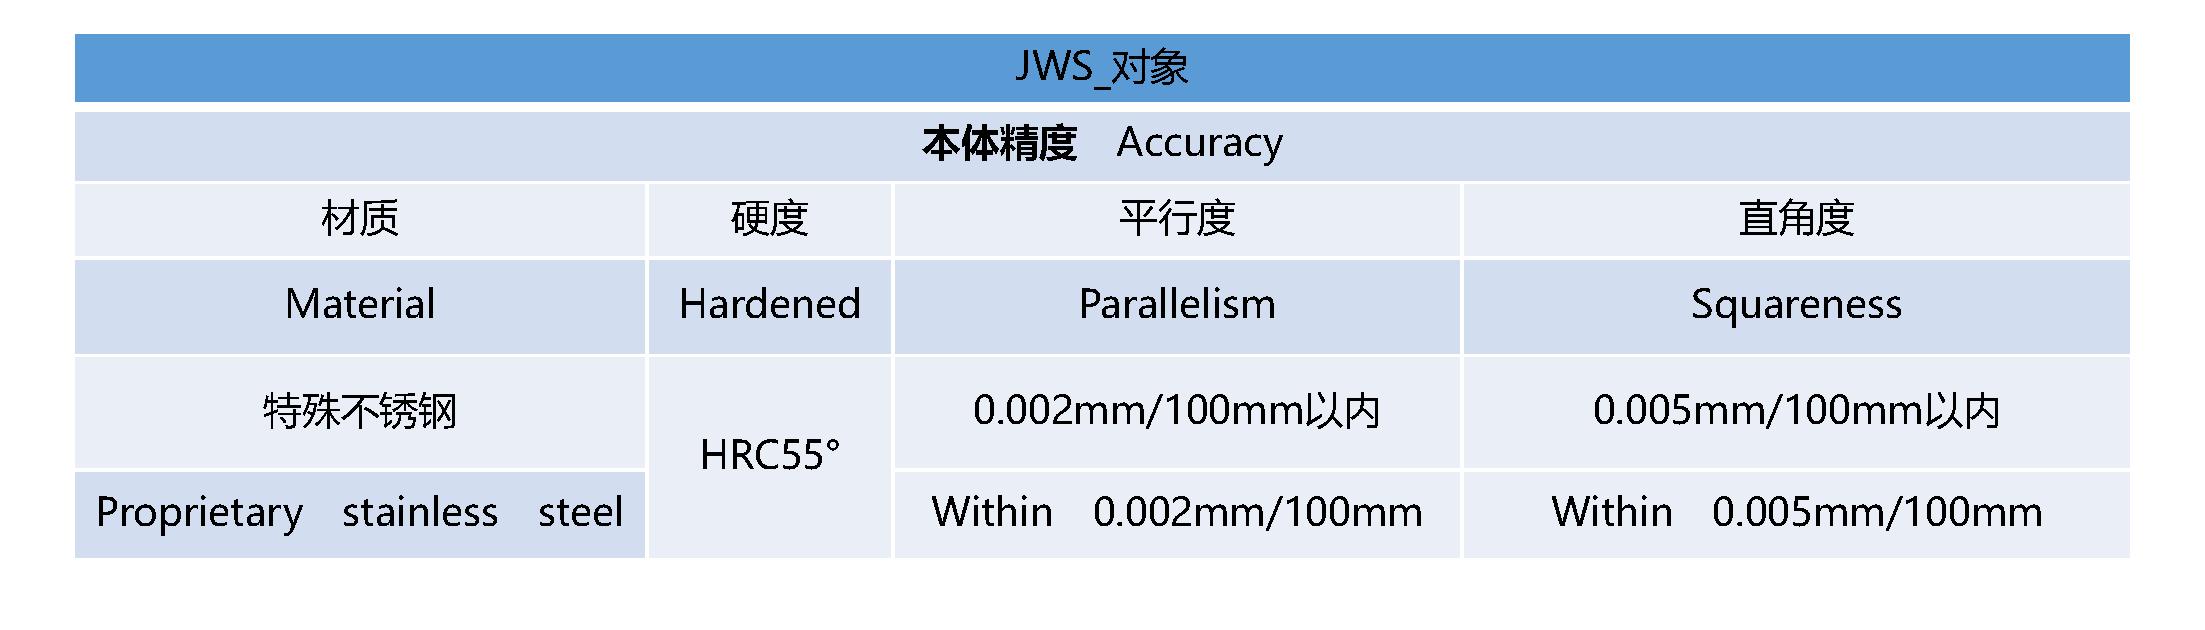 JWS_精度表 -中文.png